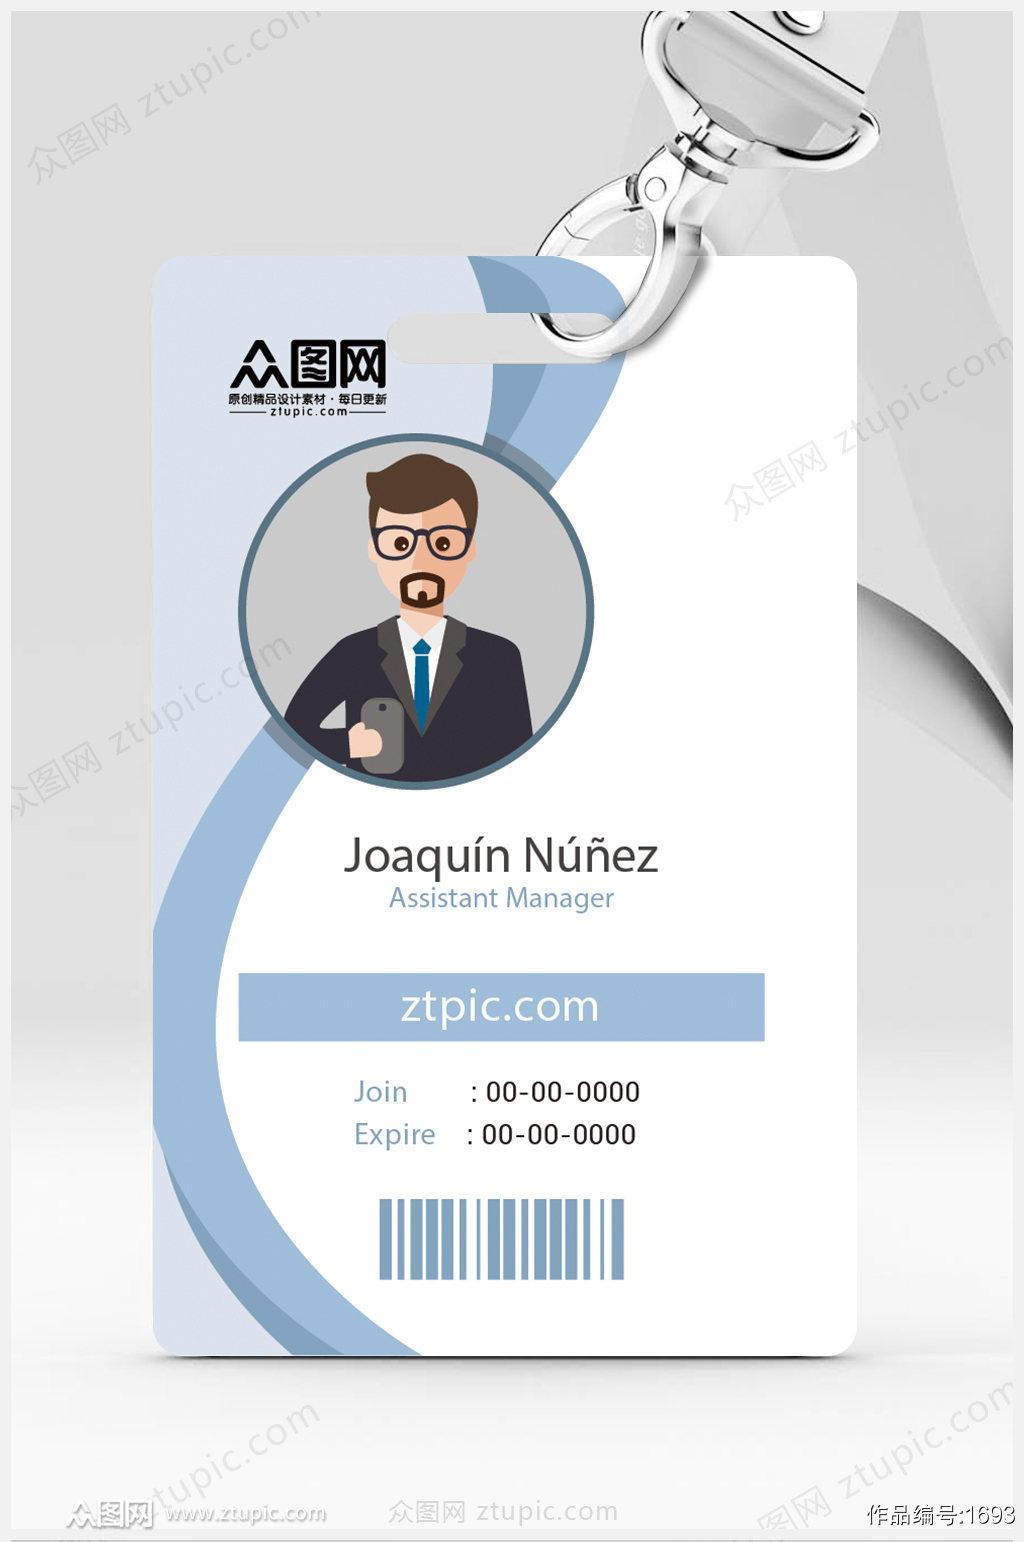 蓝色工作证设计图片素材素材